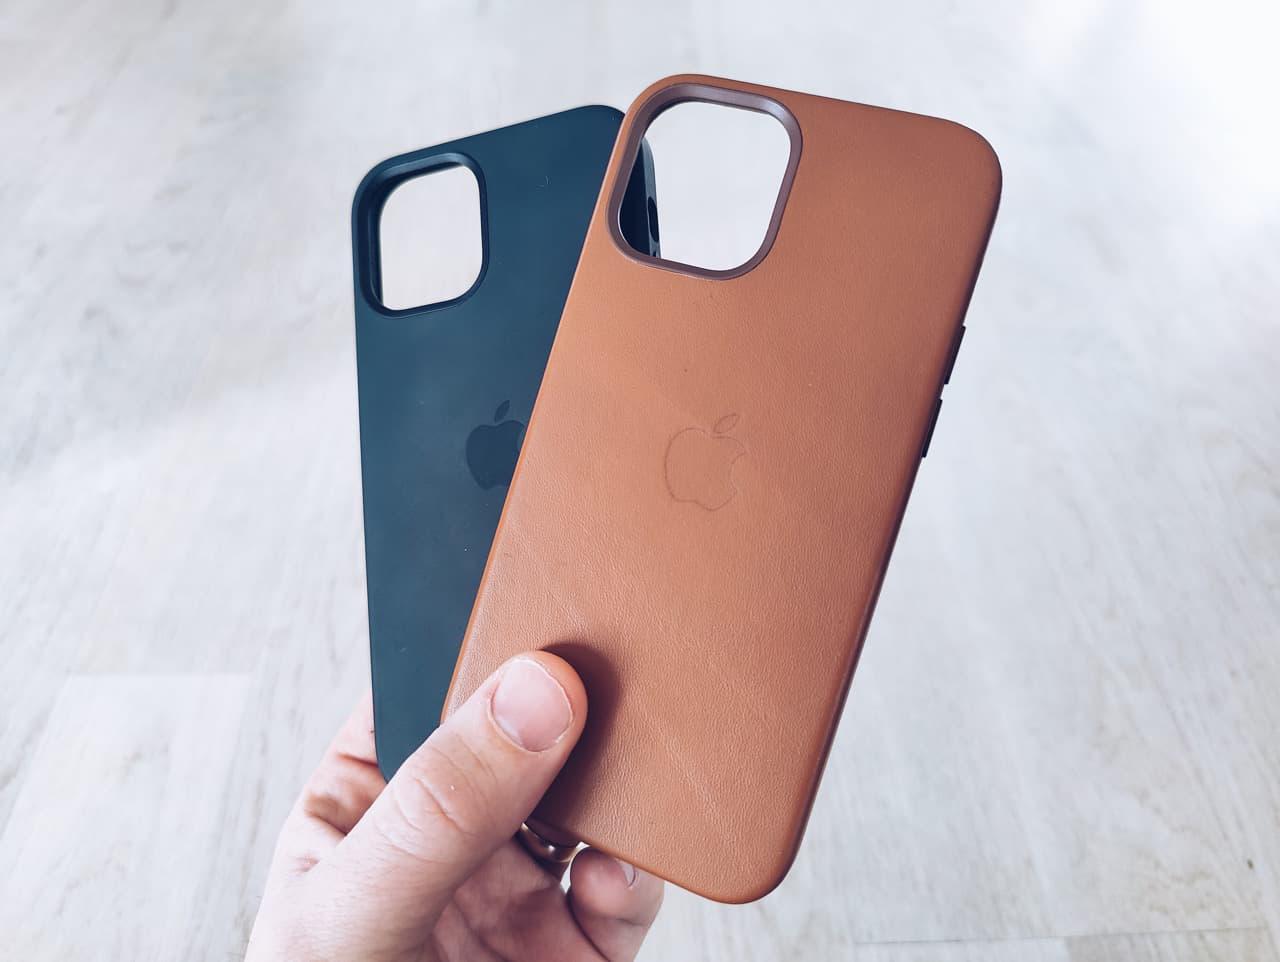 Recension av Apples läder- och silikonskal till iPhone 12 efter 3 månader av användning